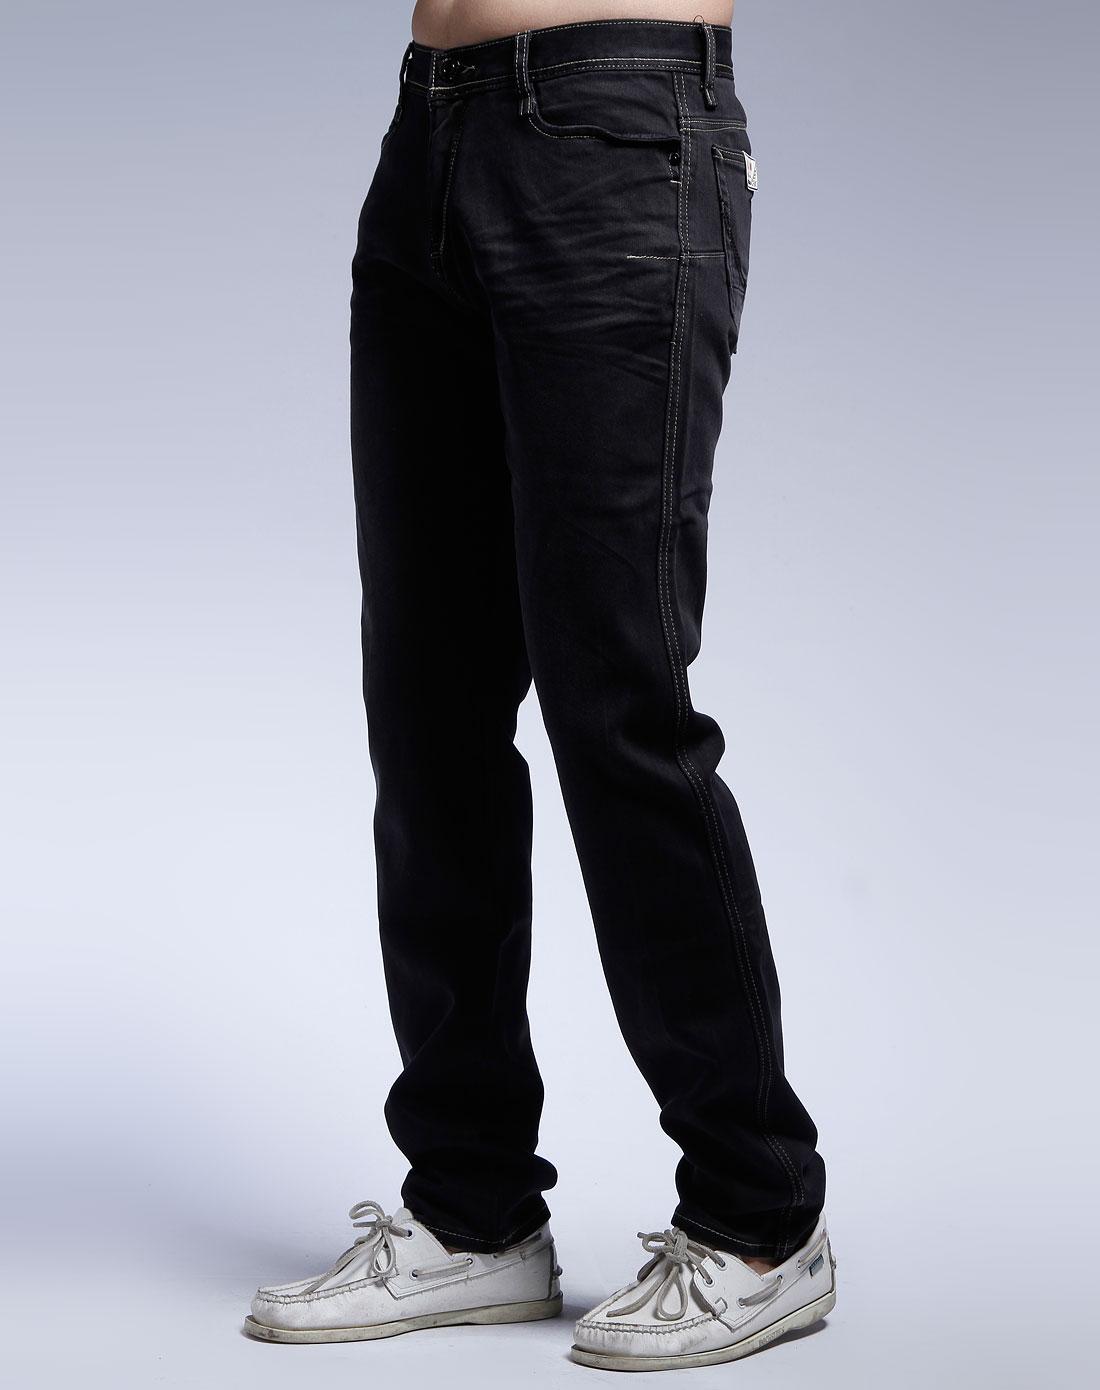 黑色时尚牛仔长裤_马克华菲男装专场特价